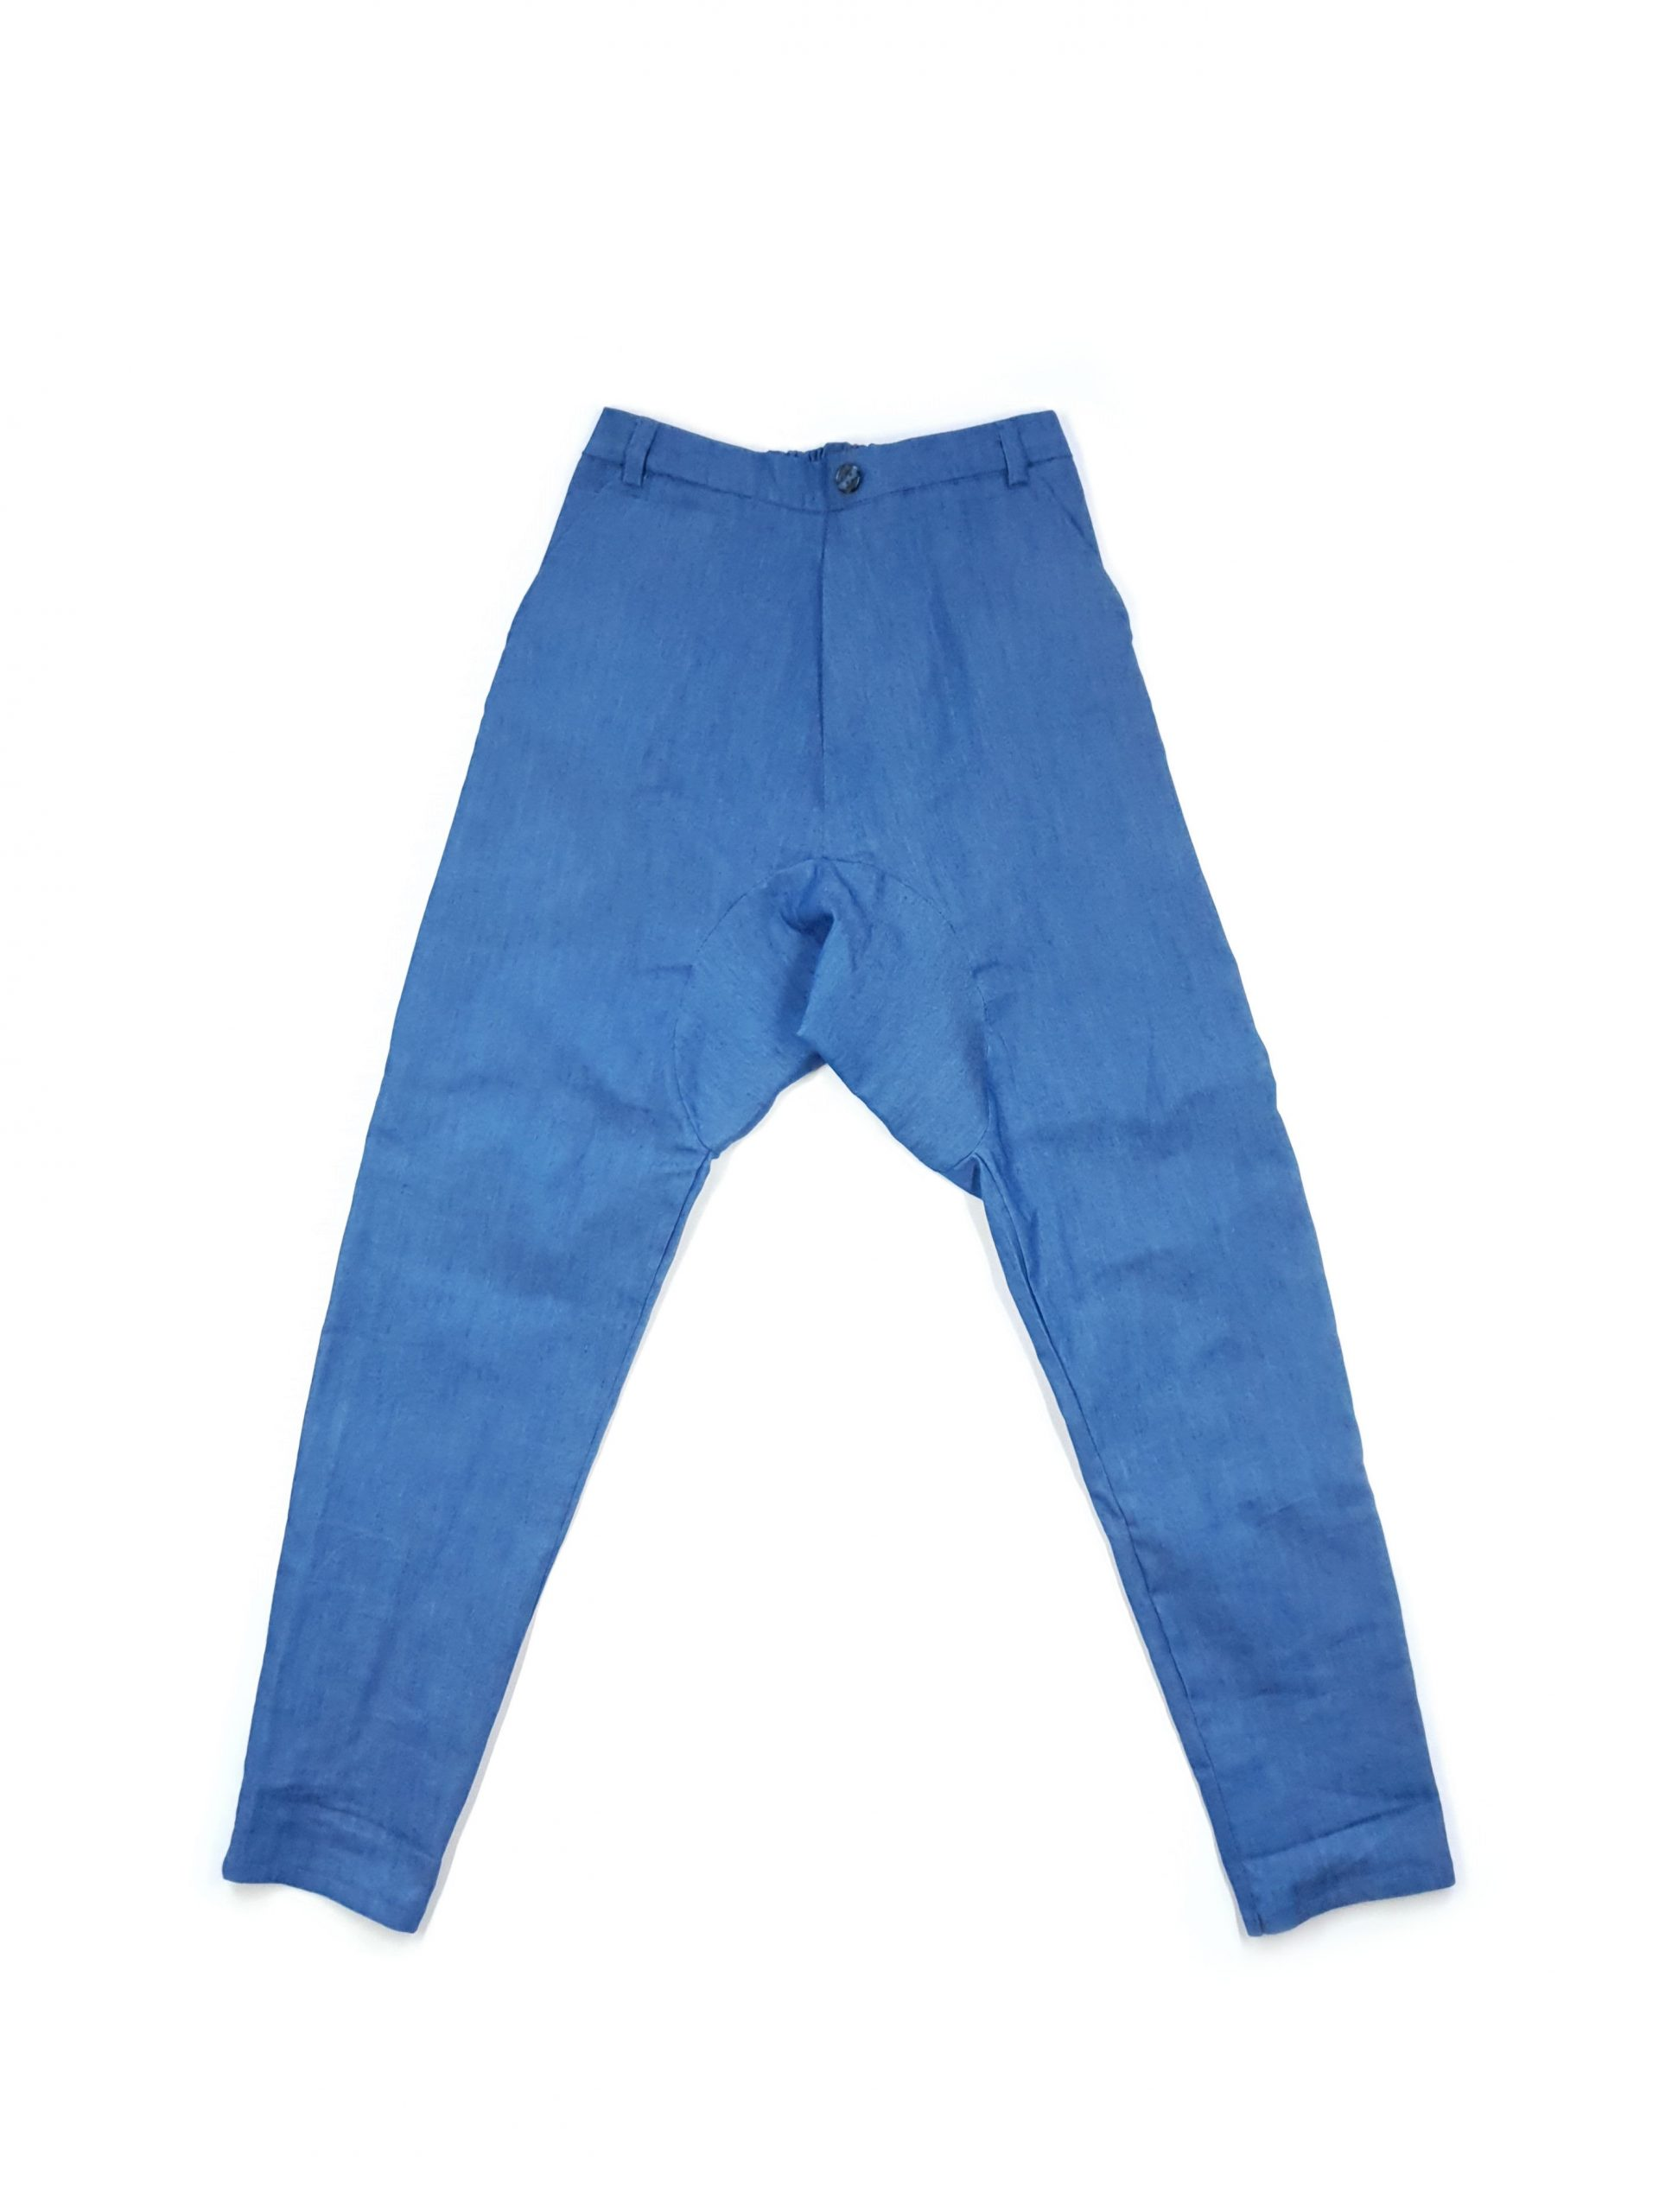 Elegant blue denim pants with pockets for kid boys